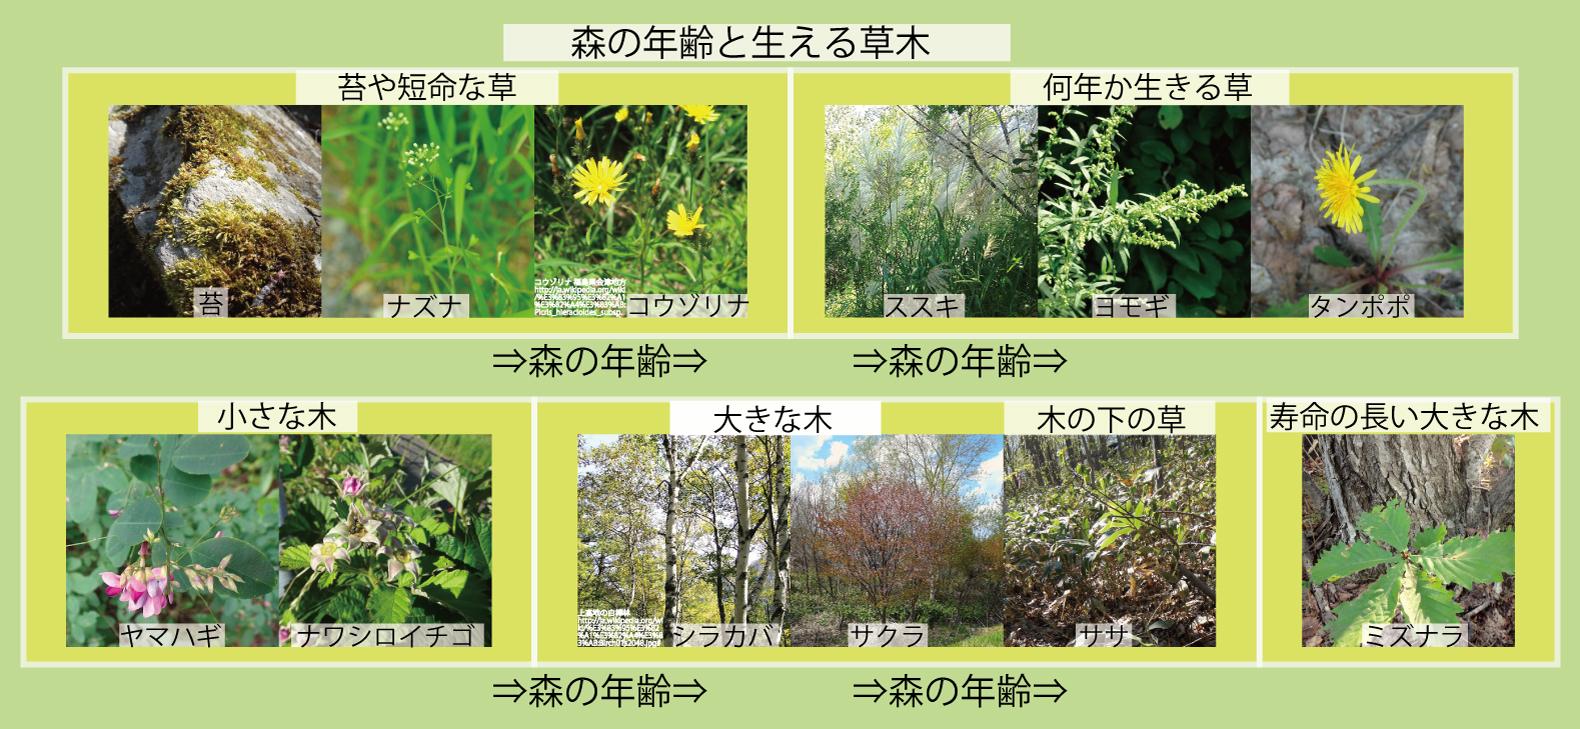 07_森の年齢と草木